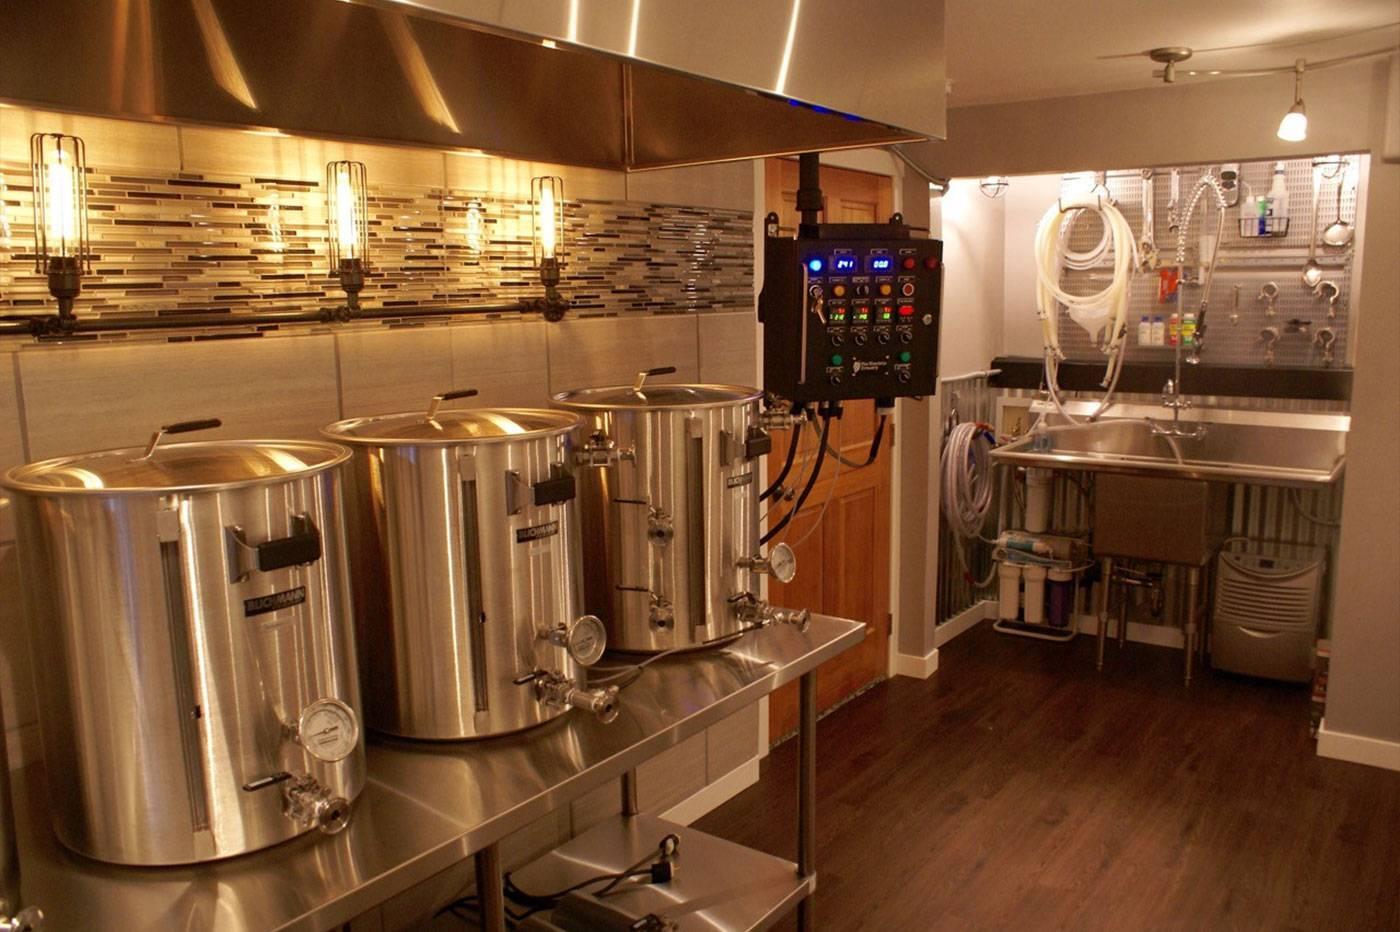 Домашние пивоварни: отзывы. домашняя мини-пивоварня. домашняя пивоварня: рецепты. узнайте, как выбрать домашнюю пивоварню